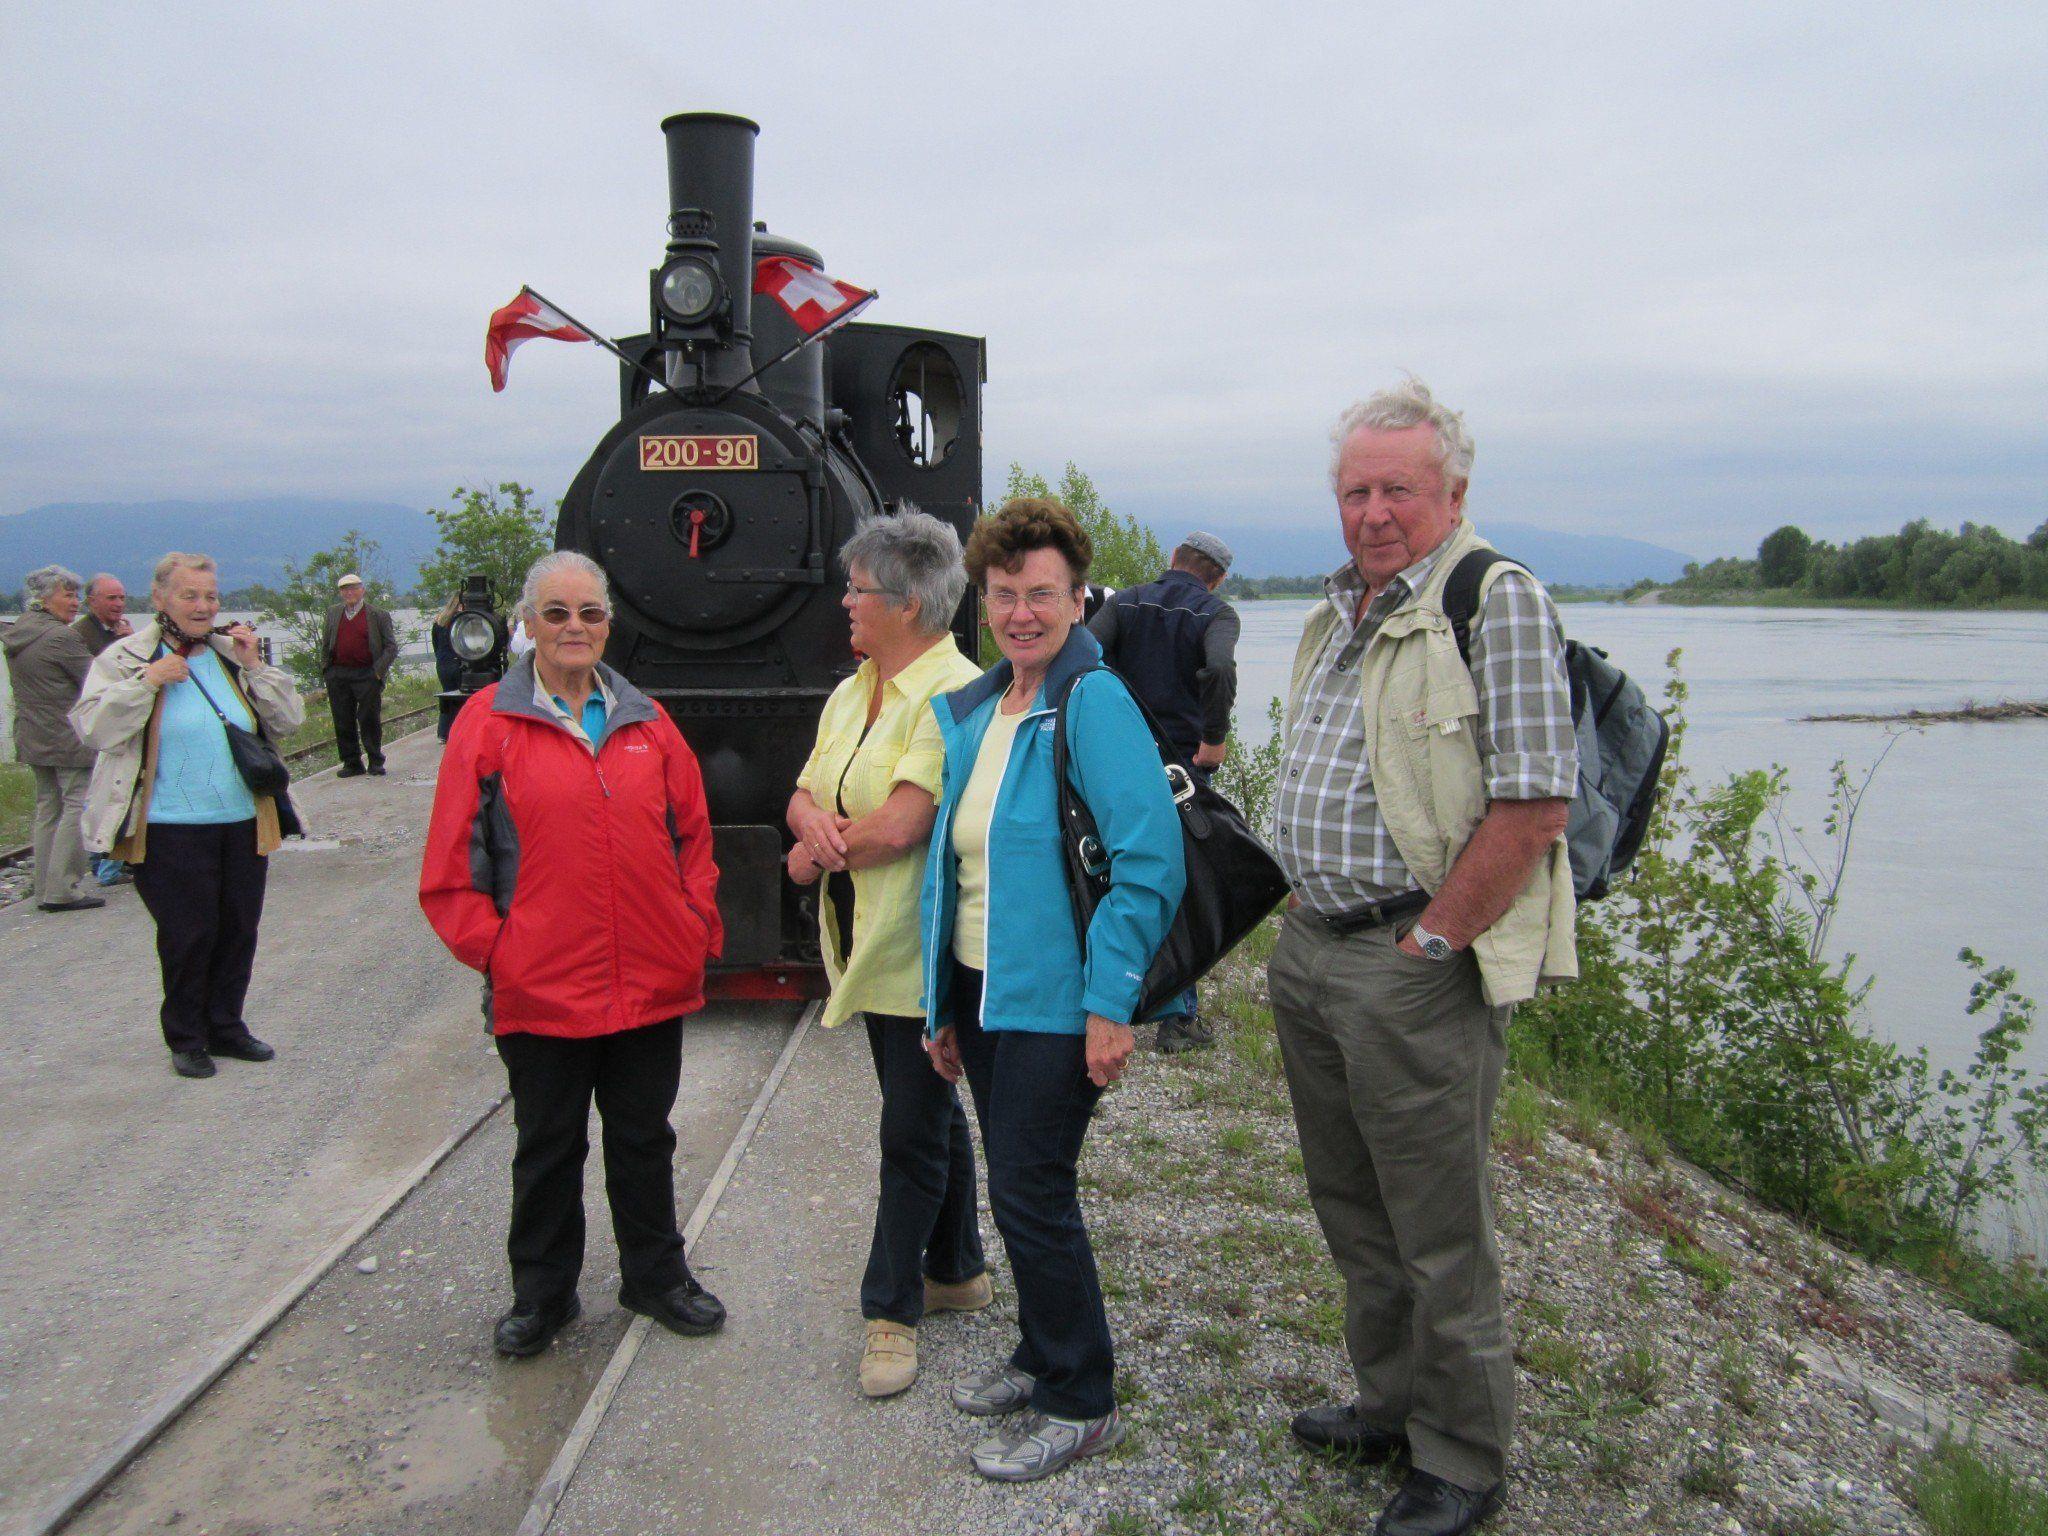 Die Röthner Senioren waren zum Rhein schauen eingeladen.